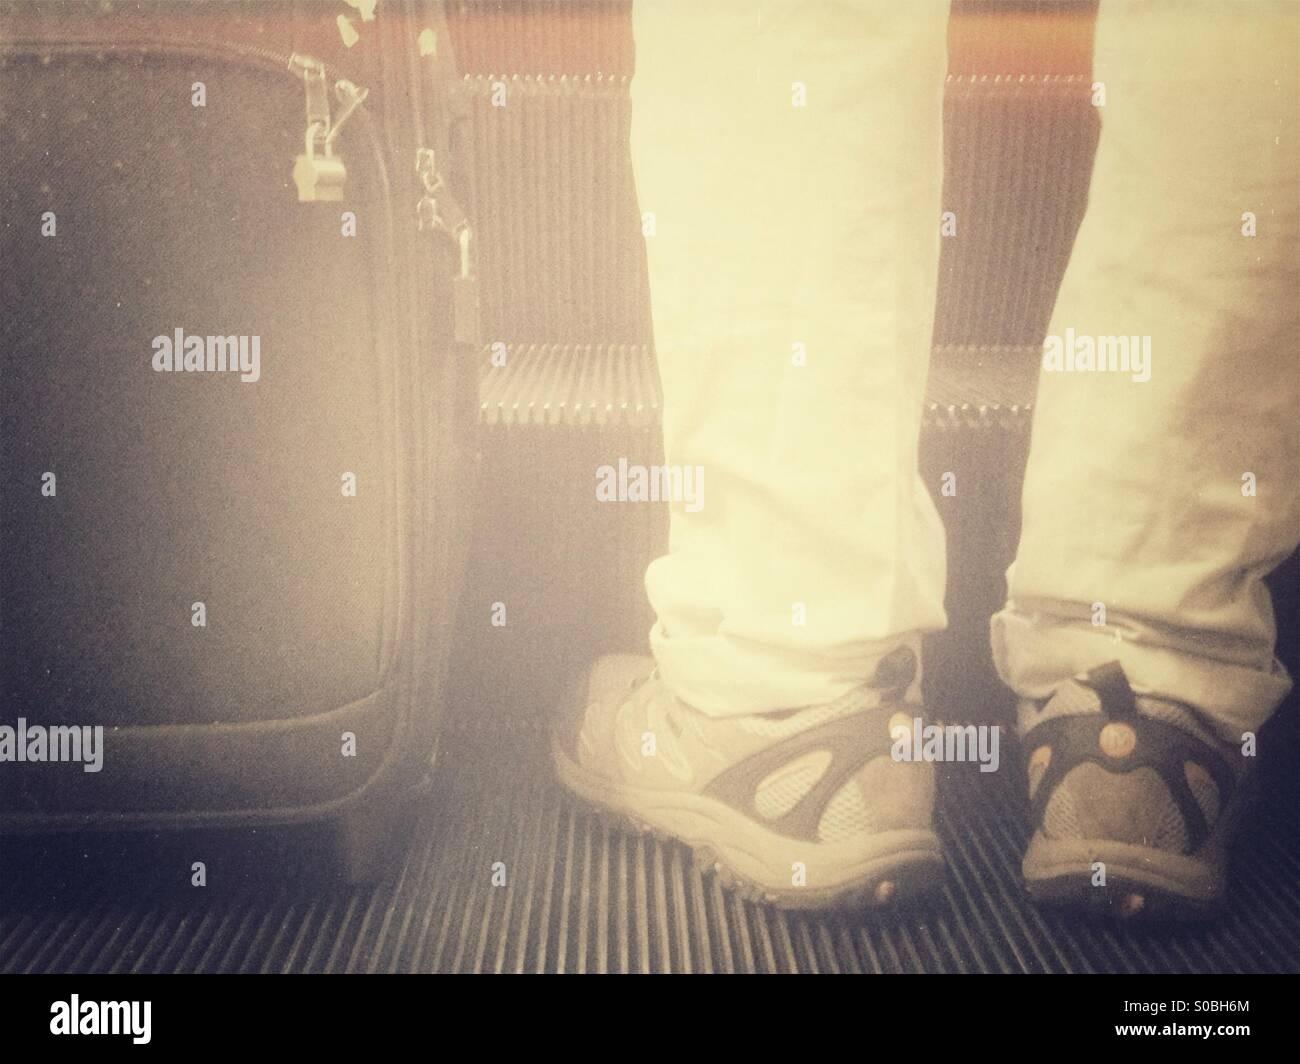 Traveler- Man with luggage on escalator - Stock Image